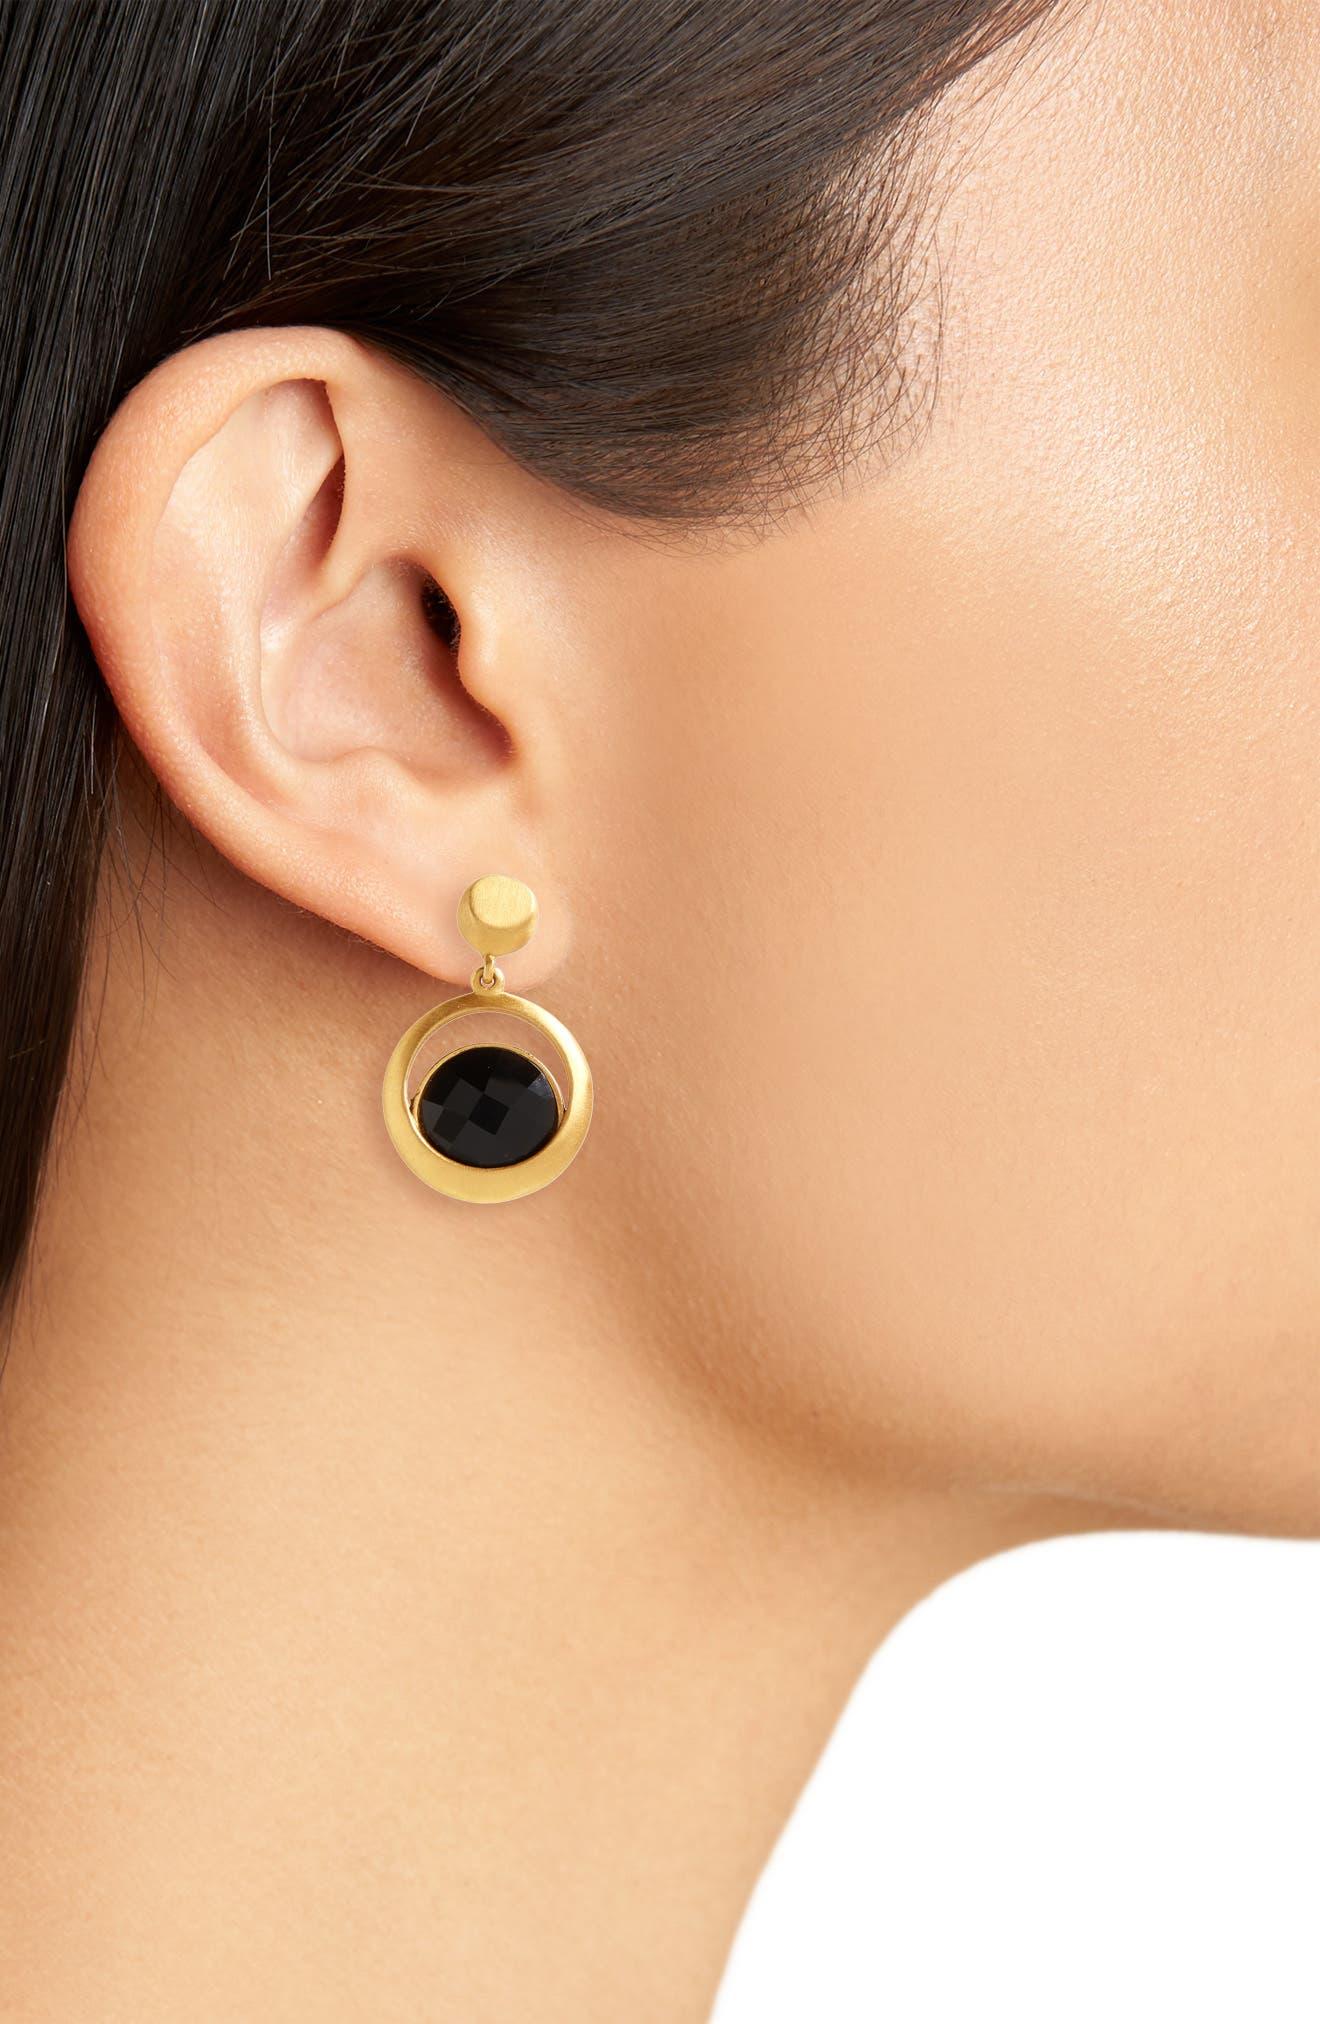 Lapa Semiprecious Stone Drop Earrings,                             Alternate thumbnail 2, color,                             001